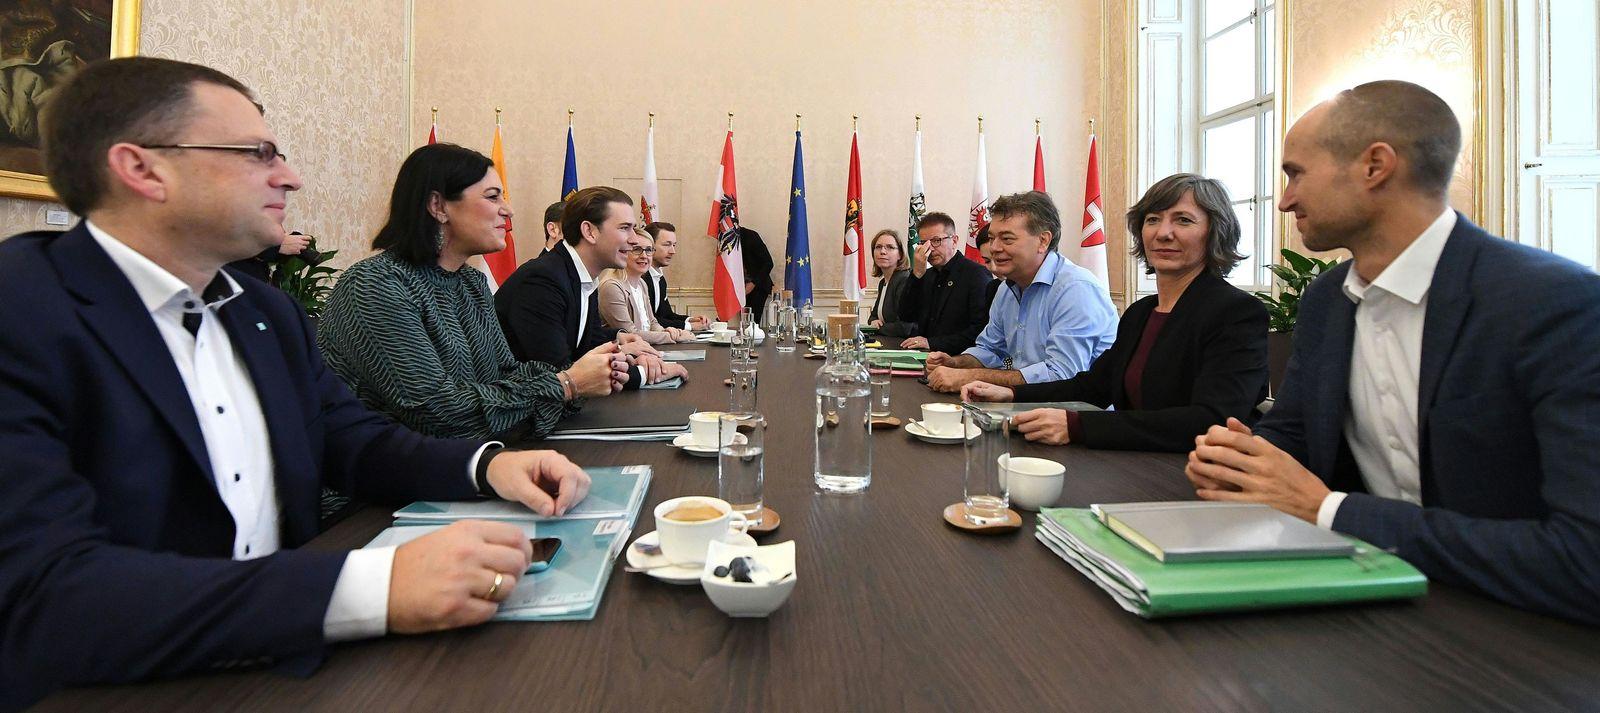 Sondierungsgespräche Wien